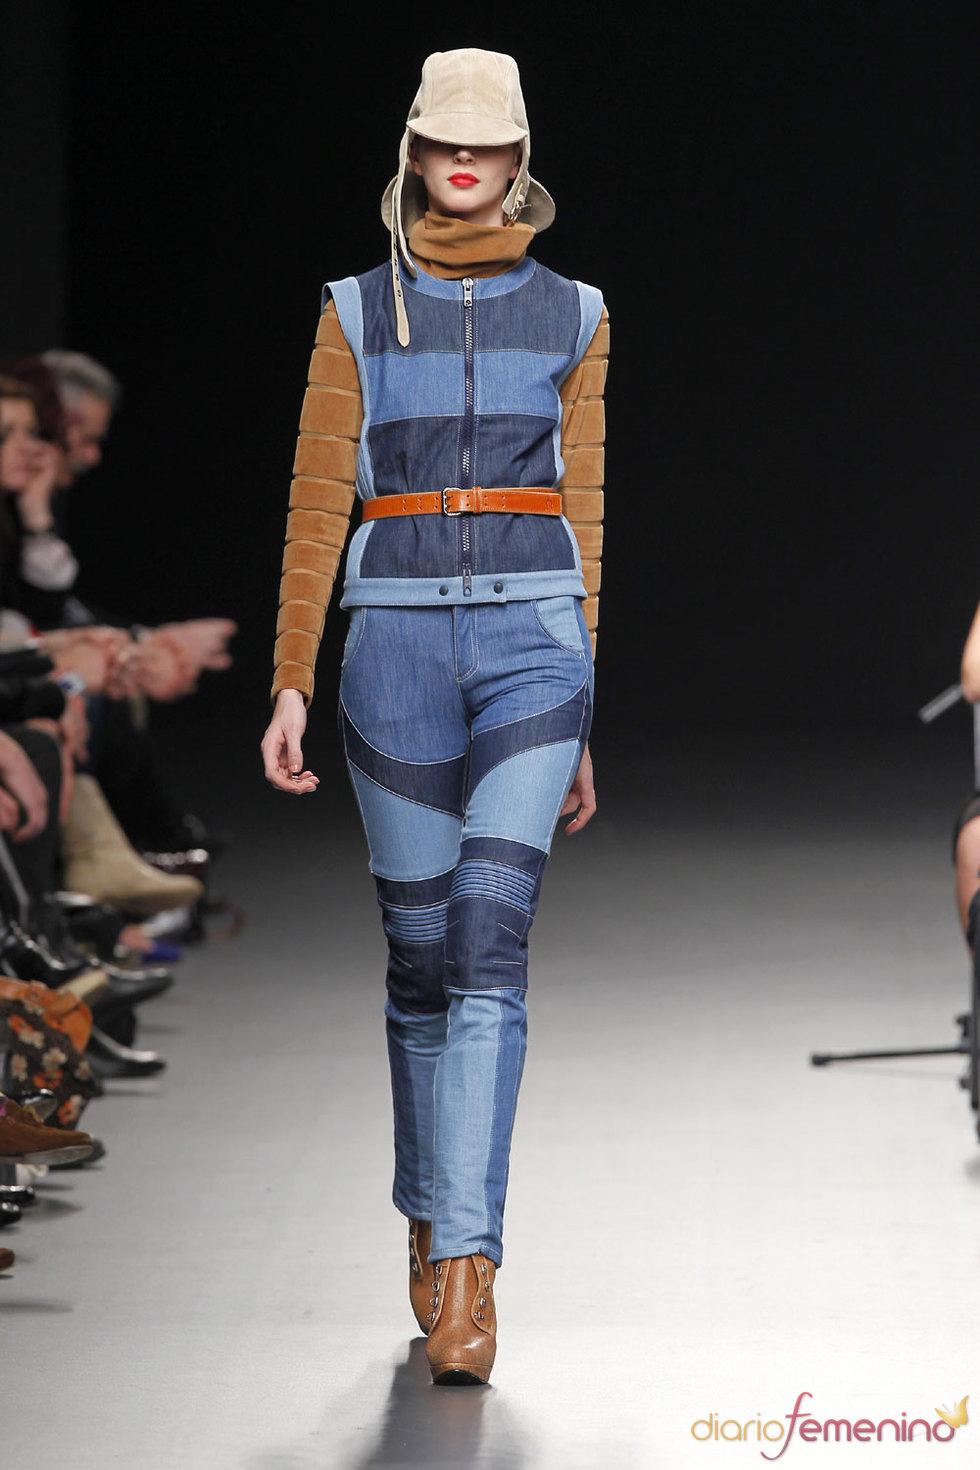 Conjunto vaquero - 'El Caballo' en Cibeles Fashion Week 2010